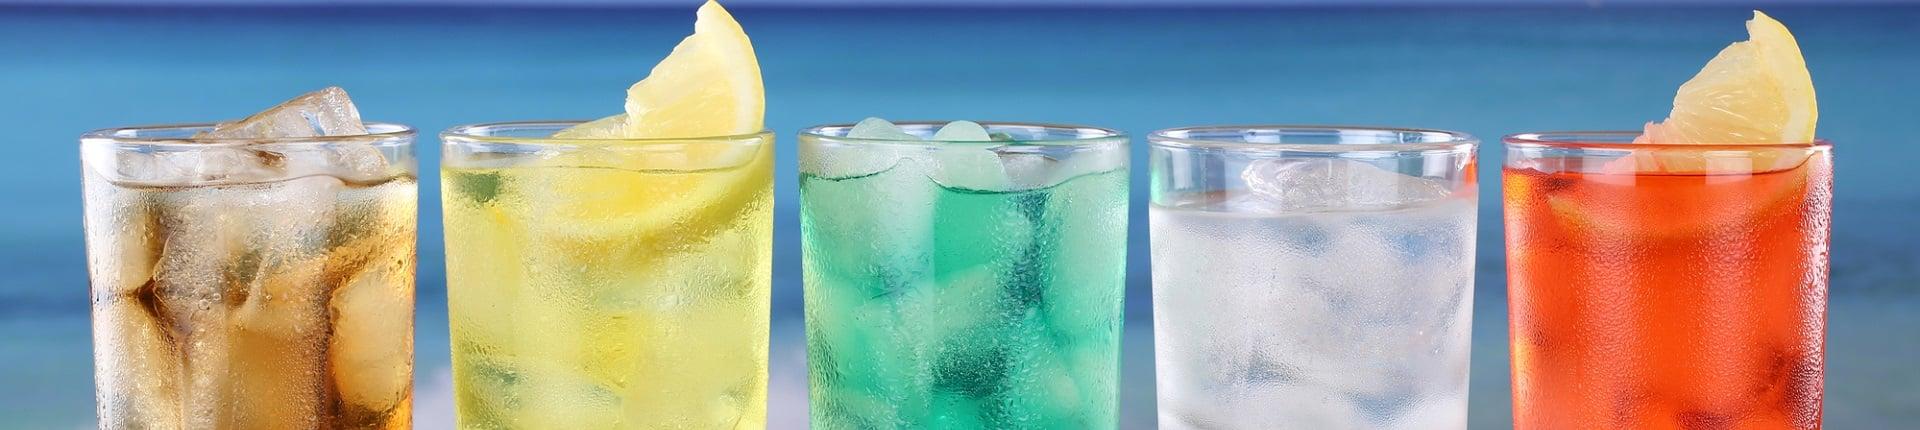 Jaki napój bez cukru wybrać?